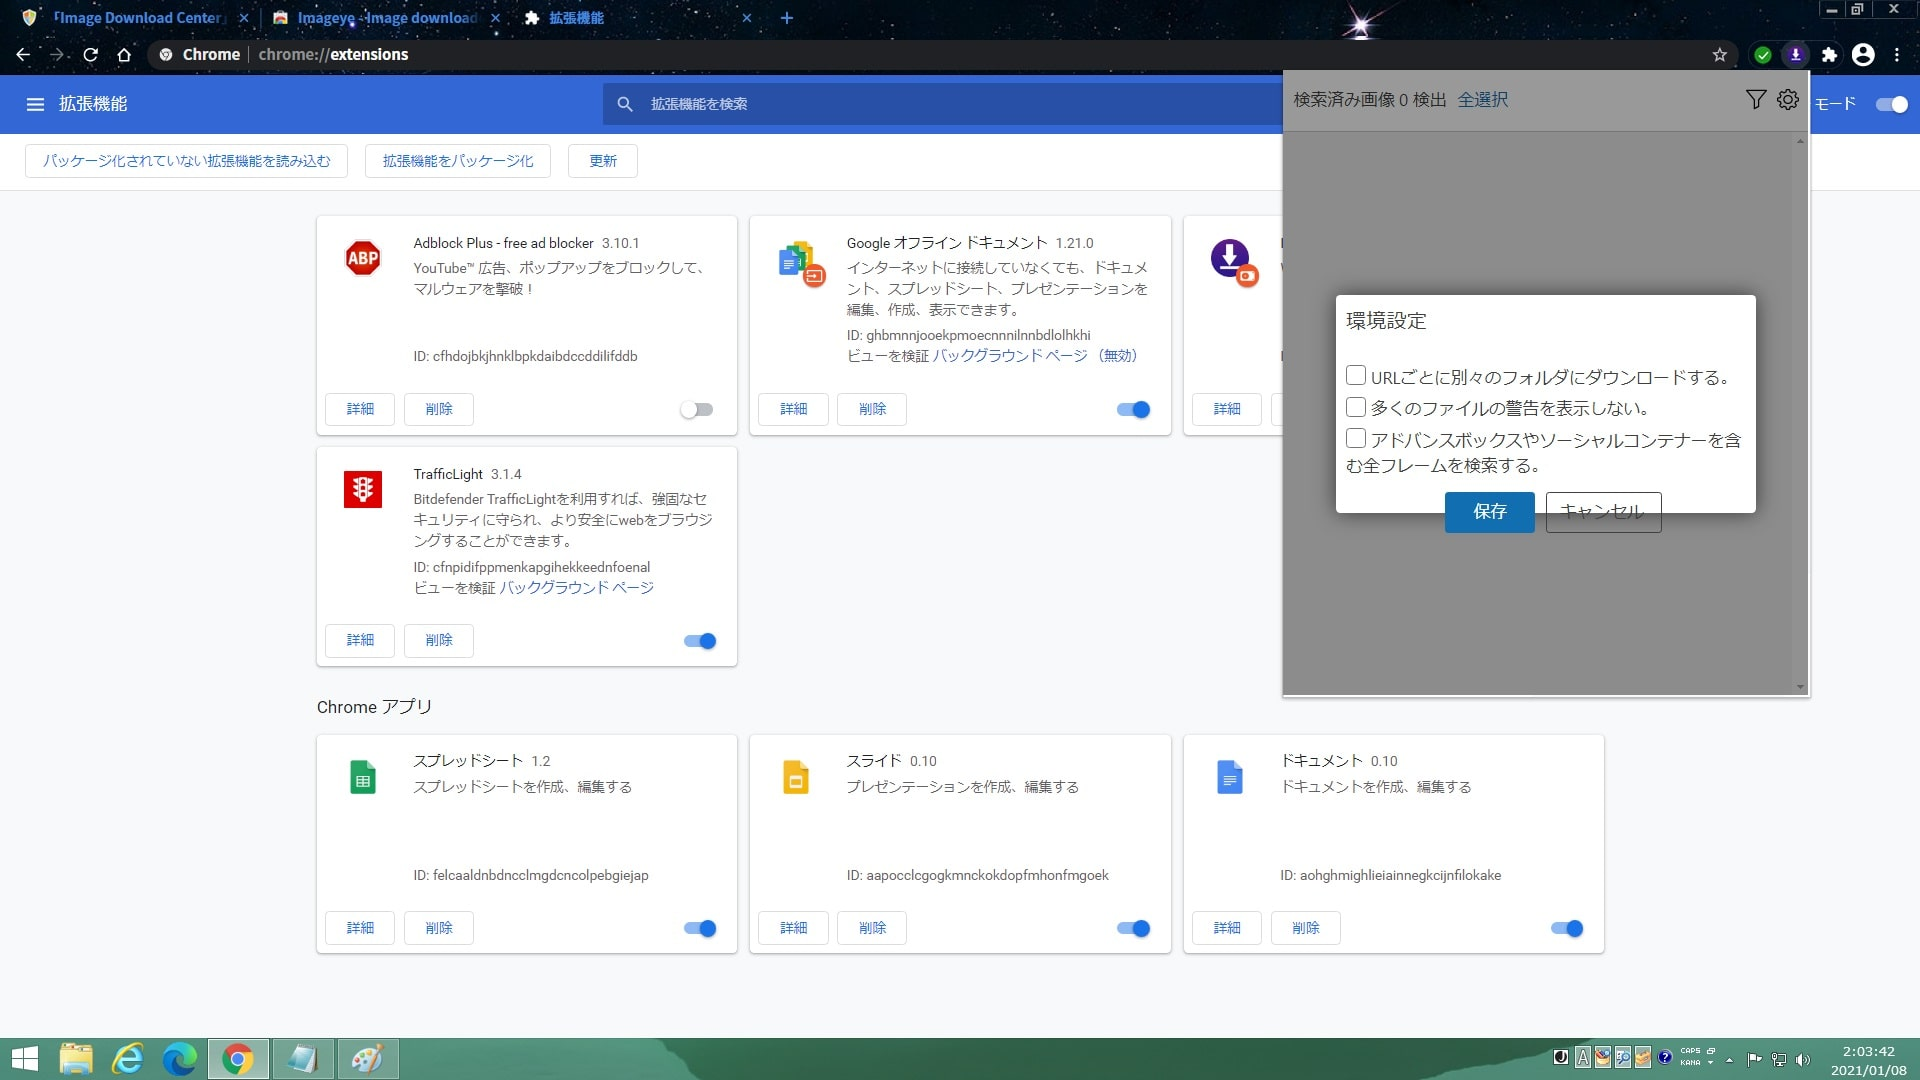 「Imageye - Image downloader」を日本語化した画面